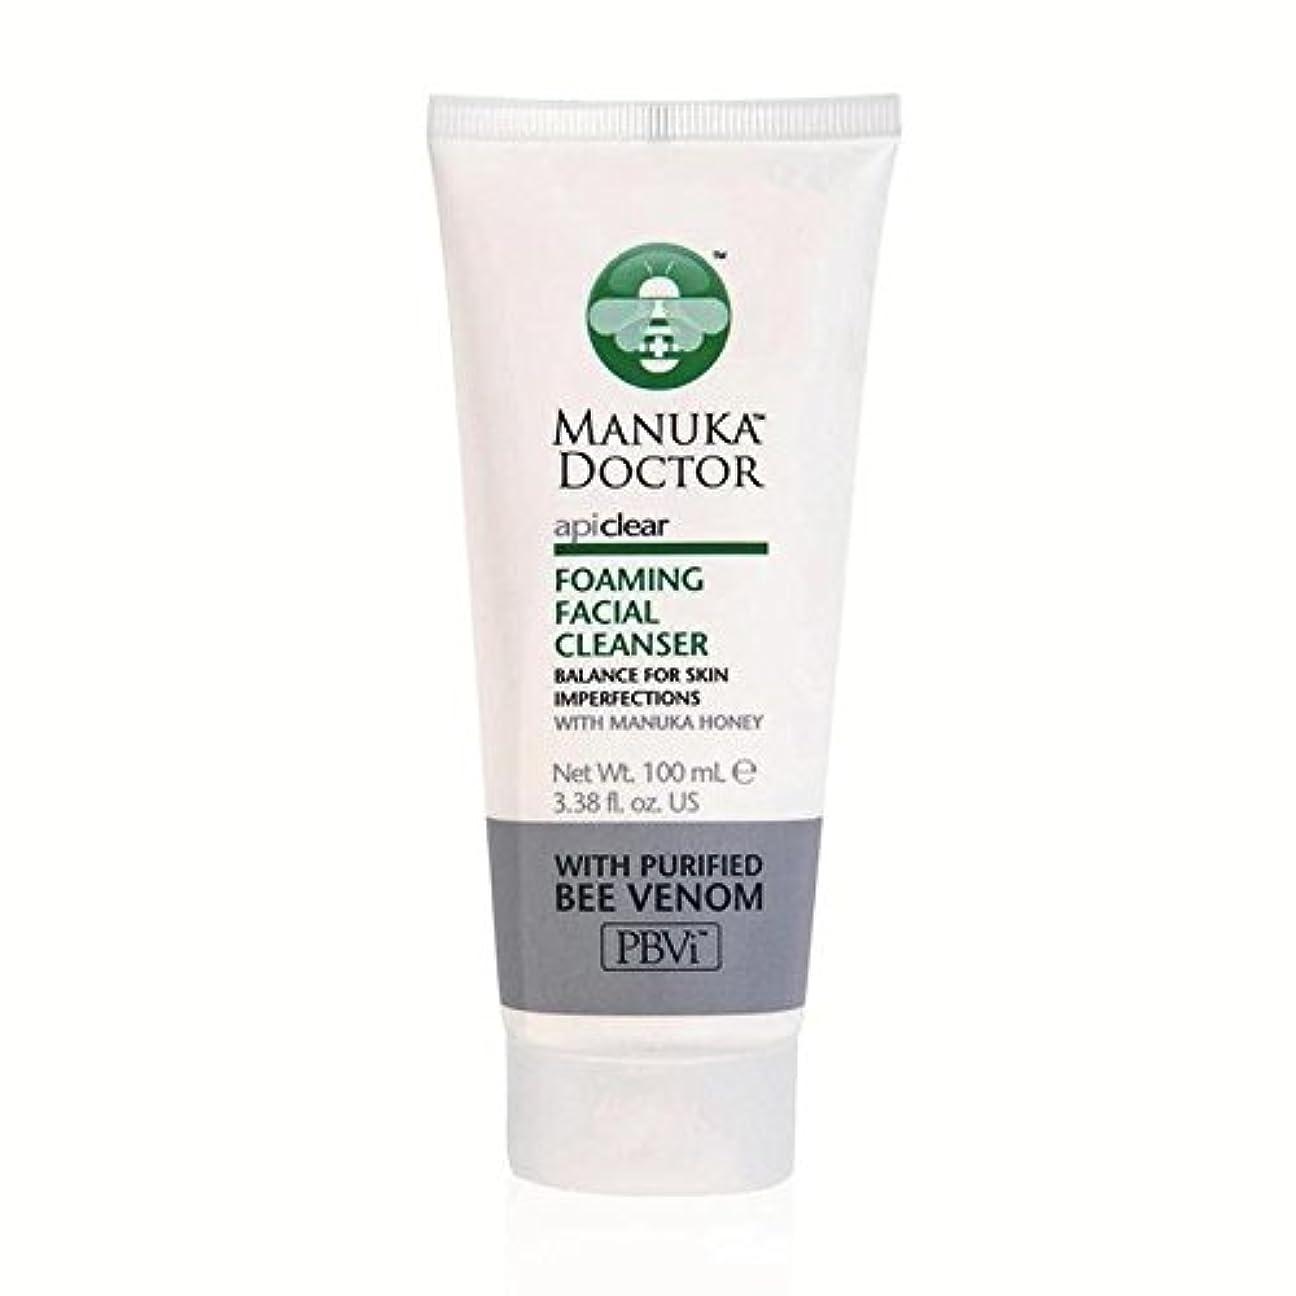 似ている嫌悪賞Manuka Doctor Api Clear Foaming Facial Cleanser 100ml (Pack of 6) - マヌカドクター明確な泡立ち洗顔料の100ミリリットル x6 [並行輸入品]